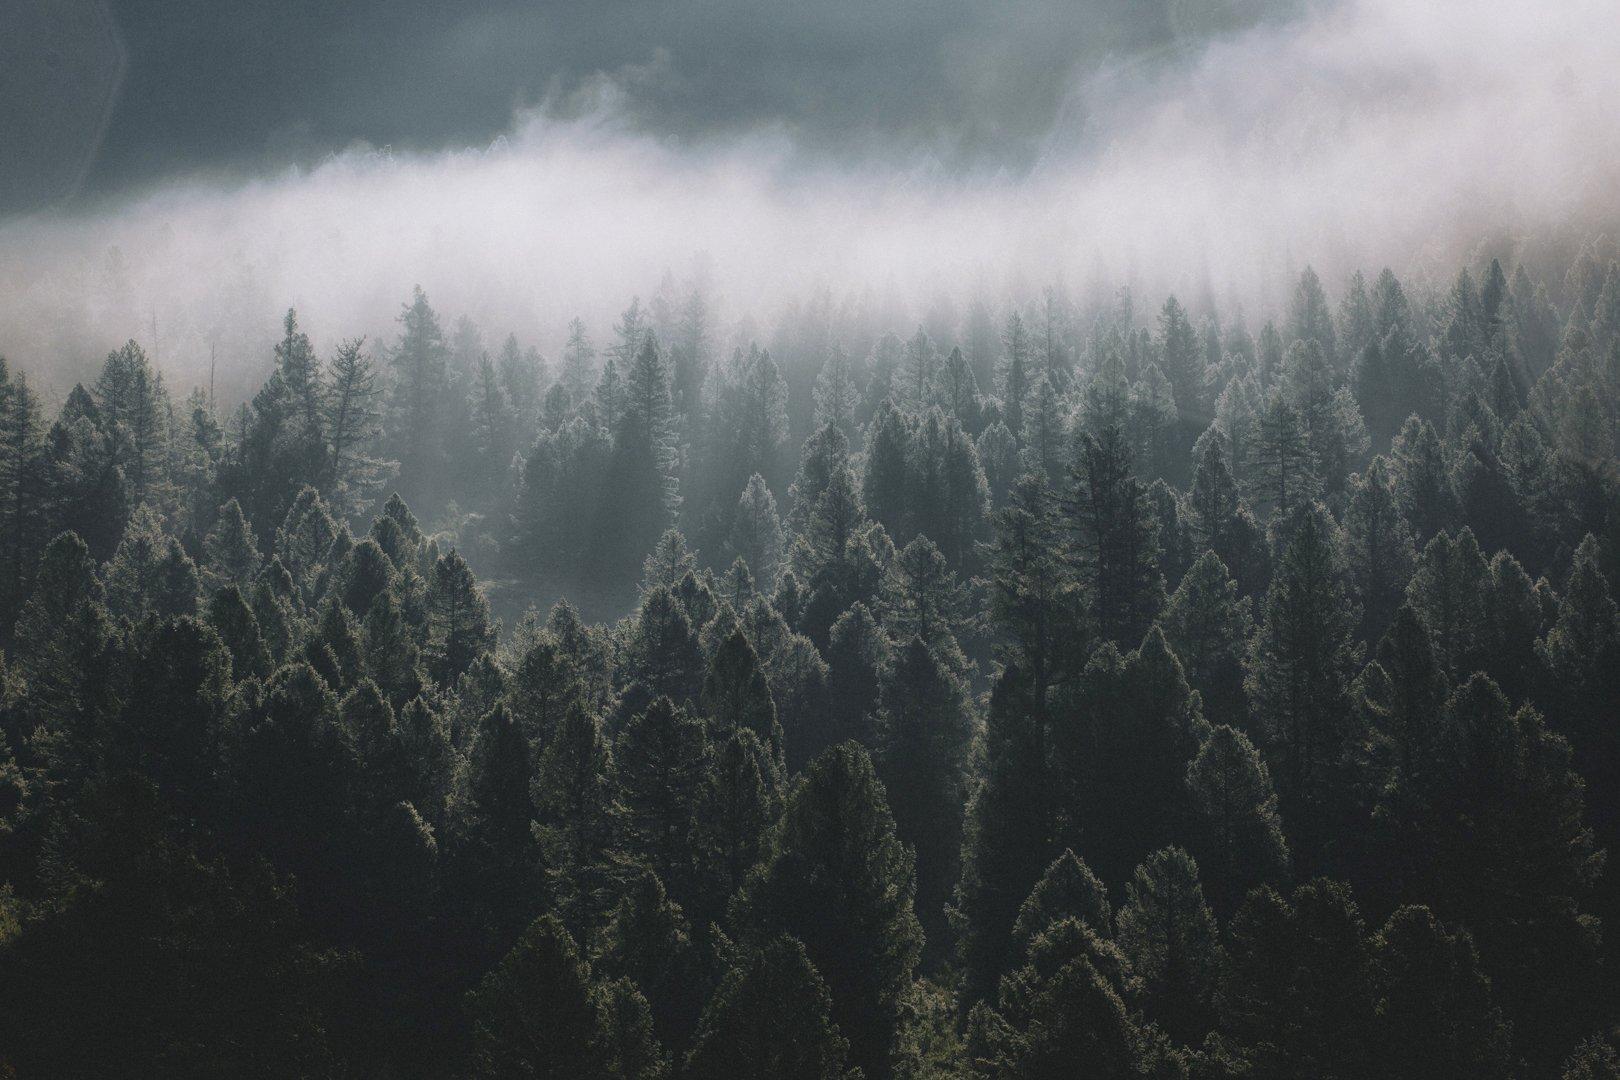 путешествия, тыва, туризм, исследование, пейзаж, горы, лес, хайкинг, туман, сибирь, тайга, Александр Нерозя